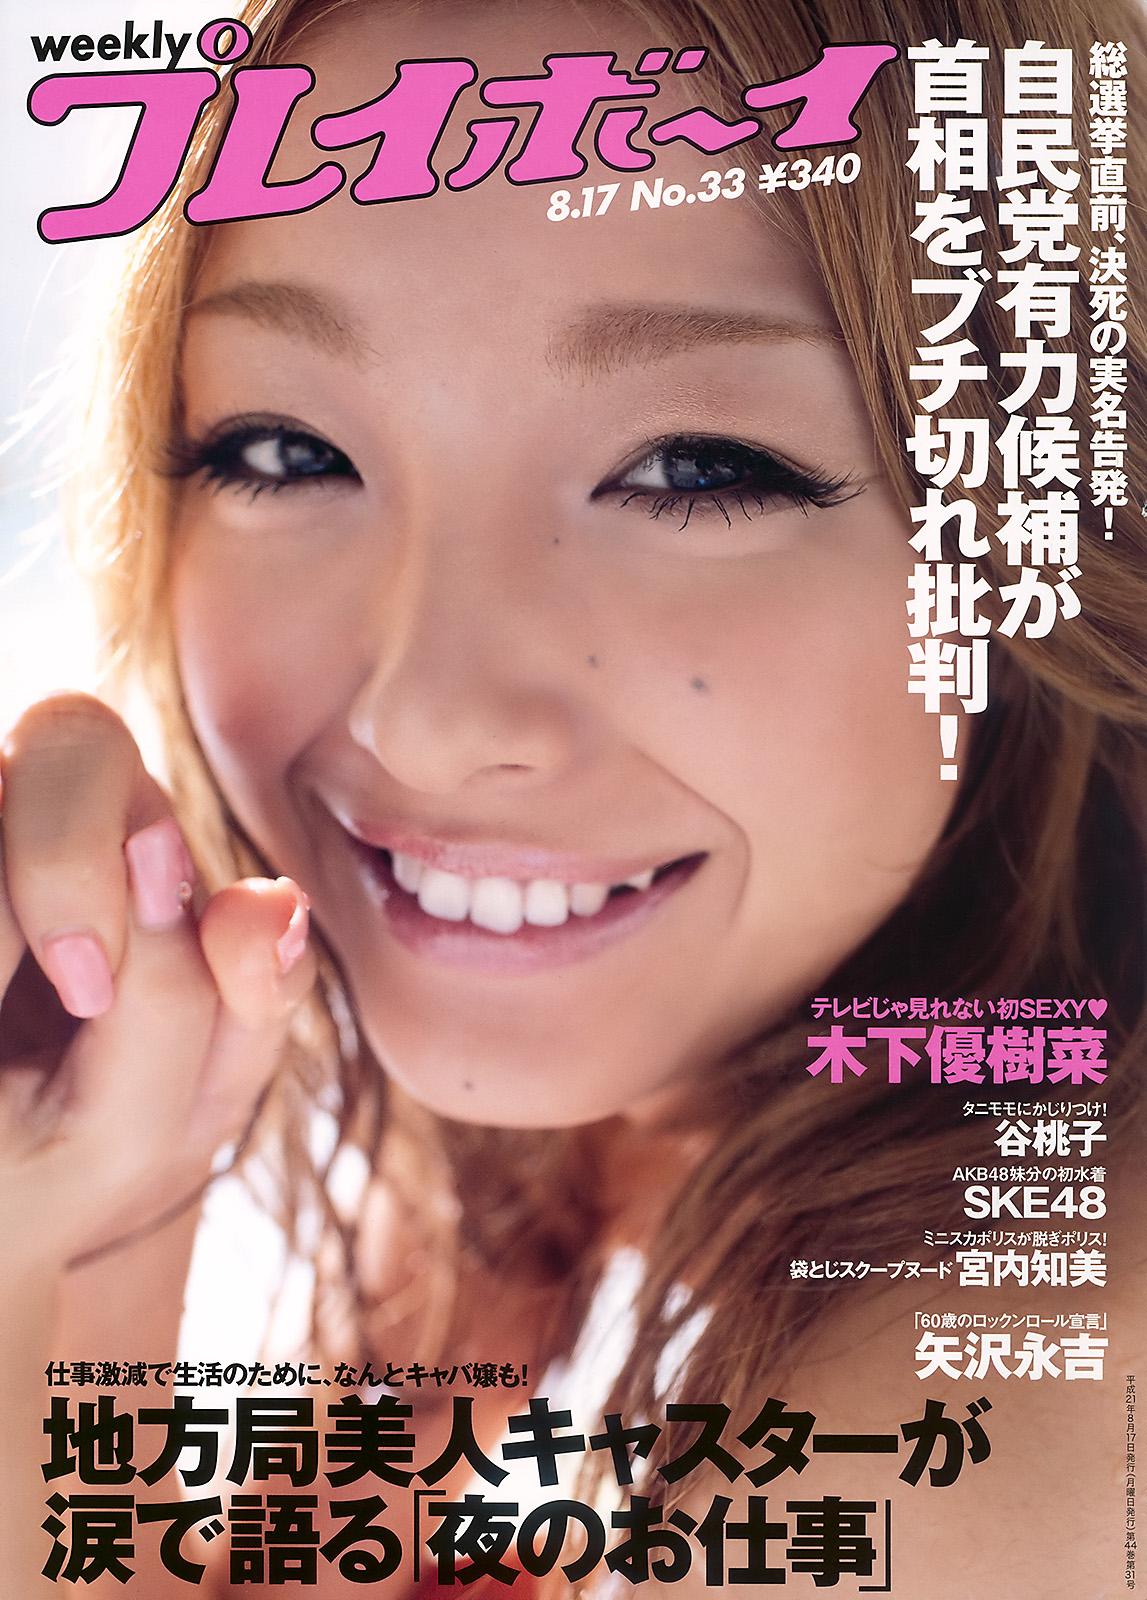 20151024.03.03 Weekly Playboy (2009.33) 001 (JPOP.ru).jpg